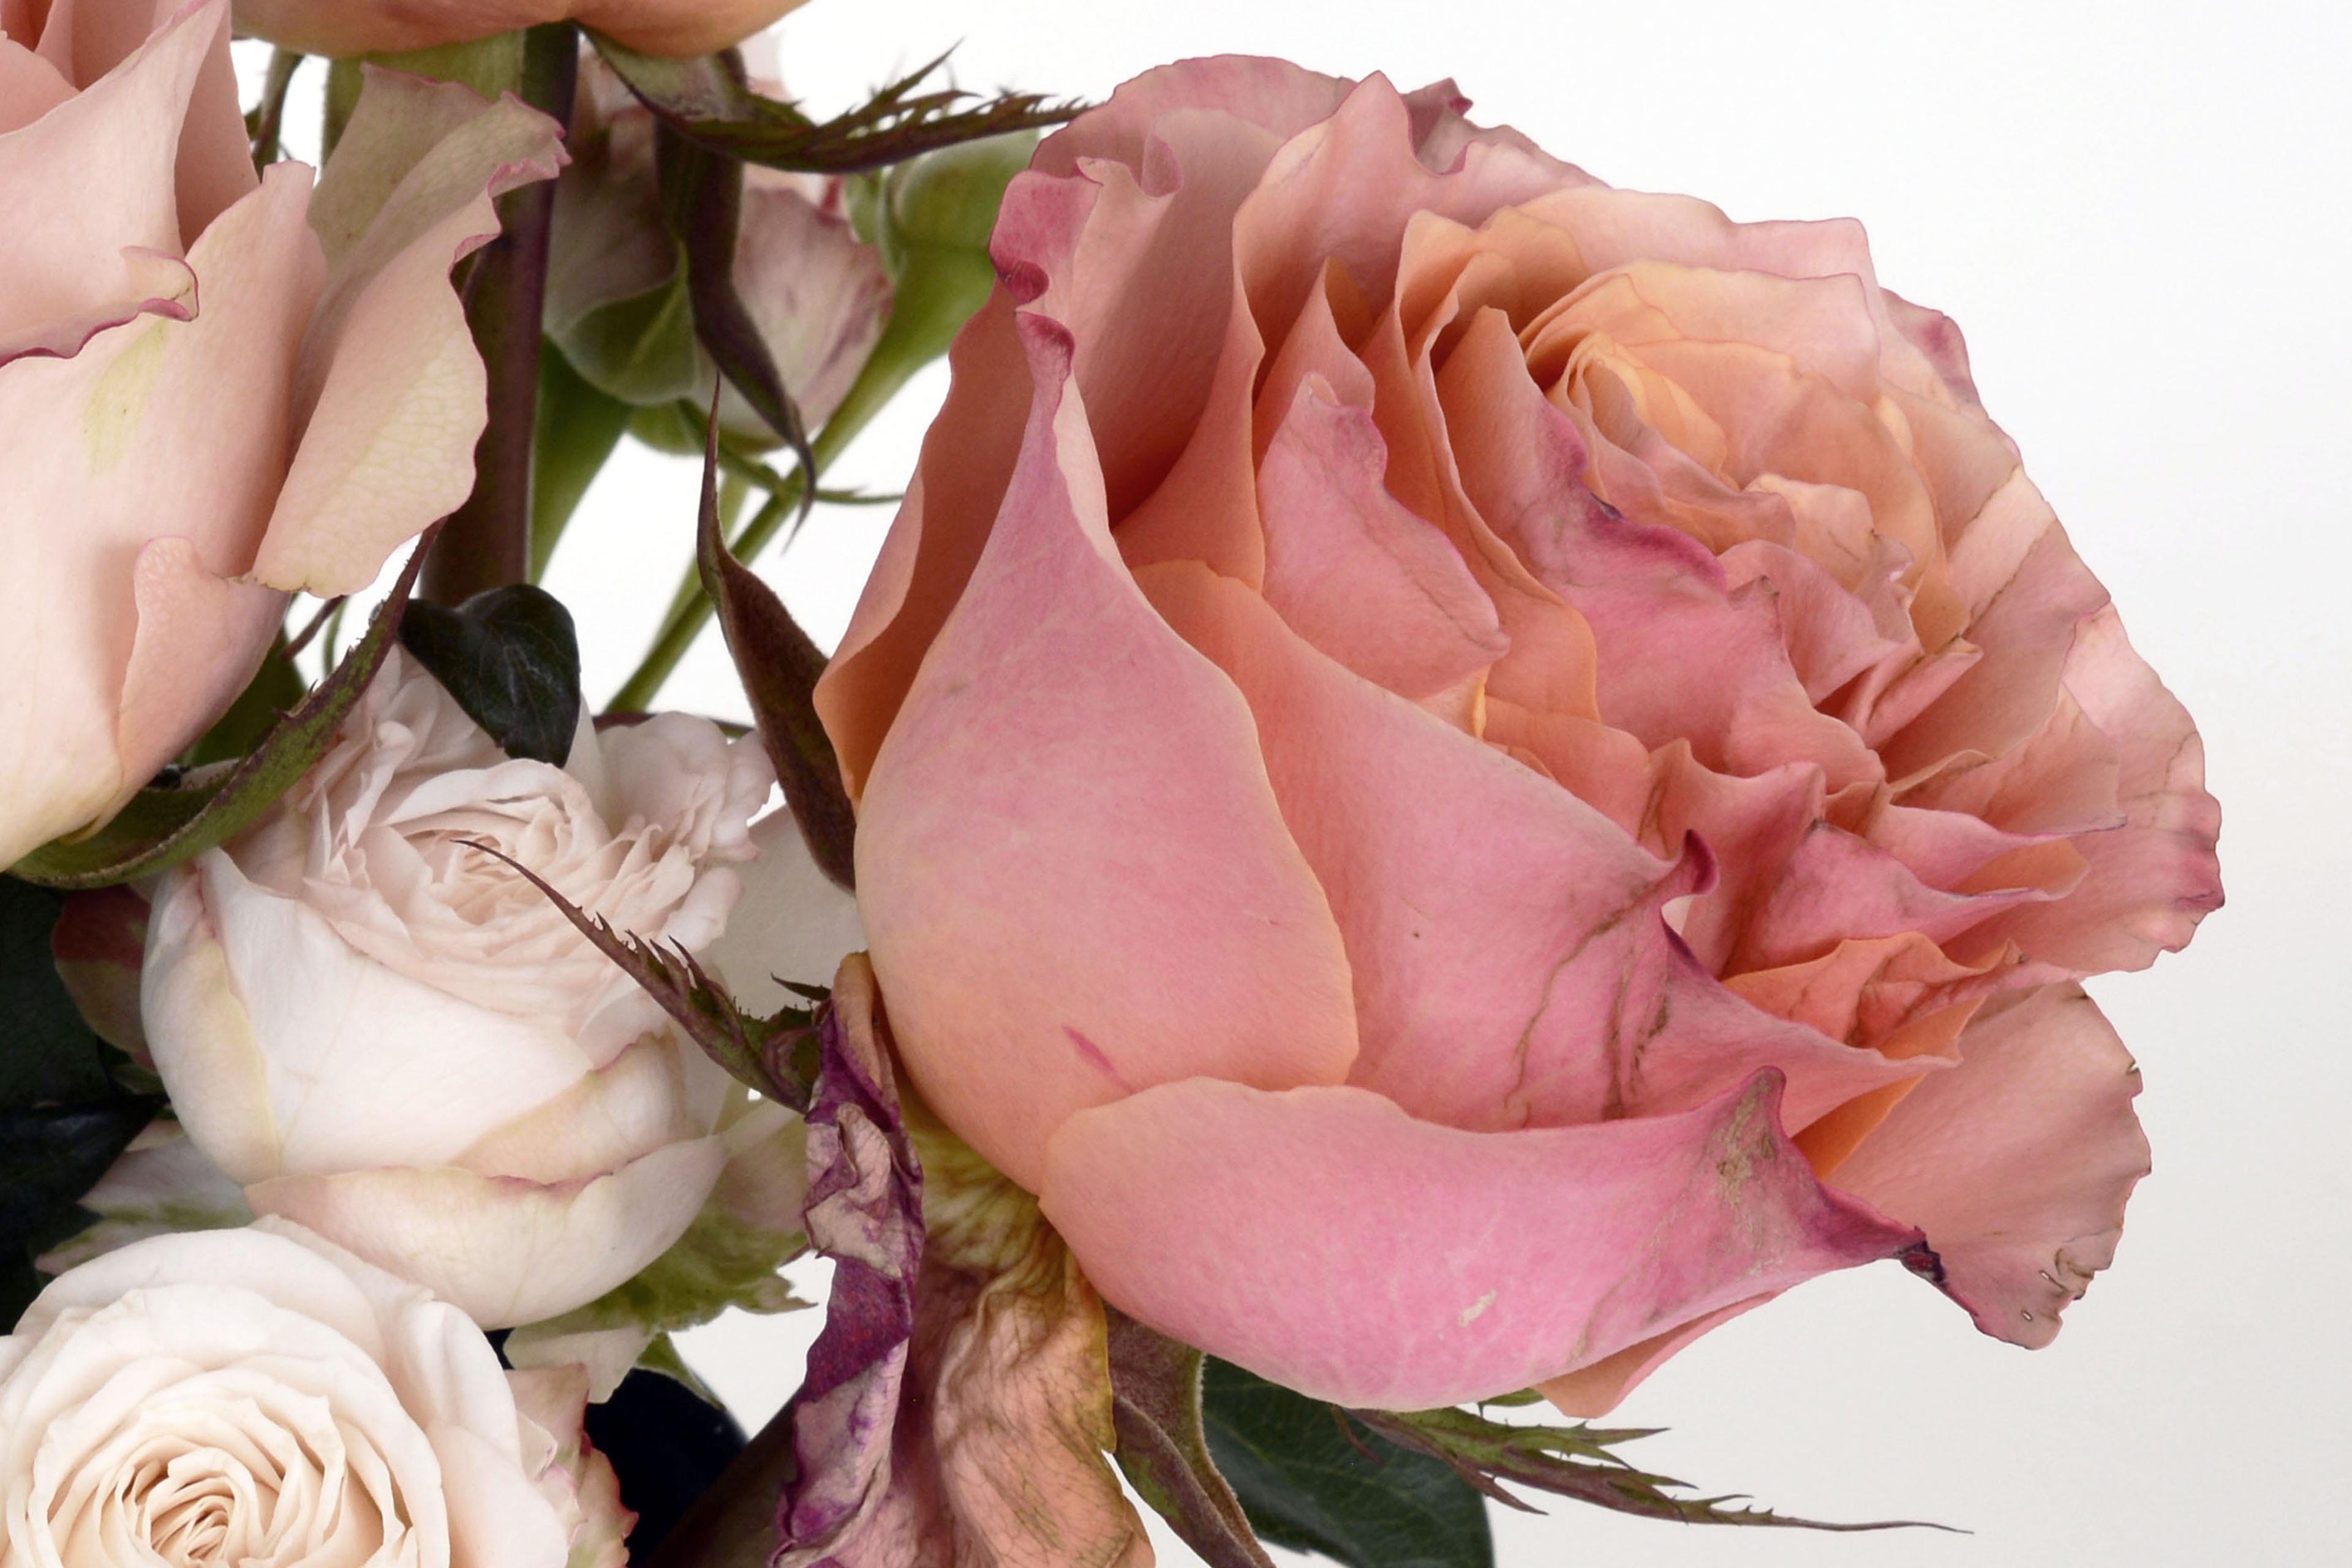 закат пляже, розы цвета лосося фото просите моделей